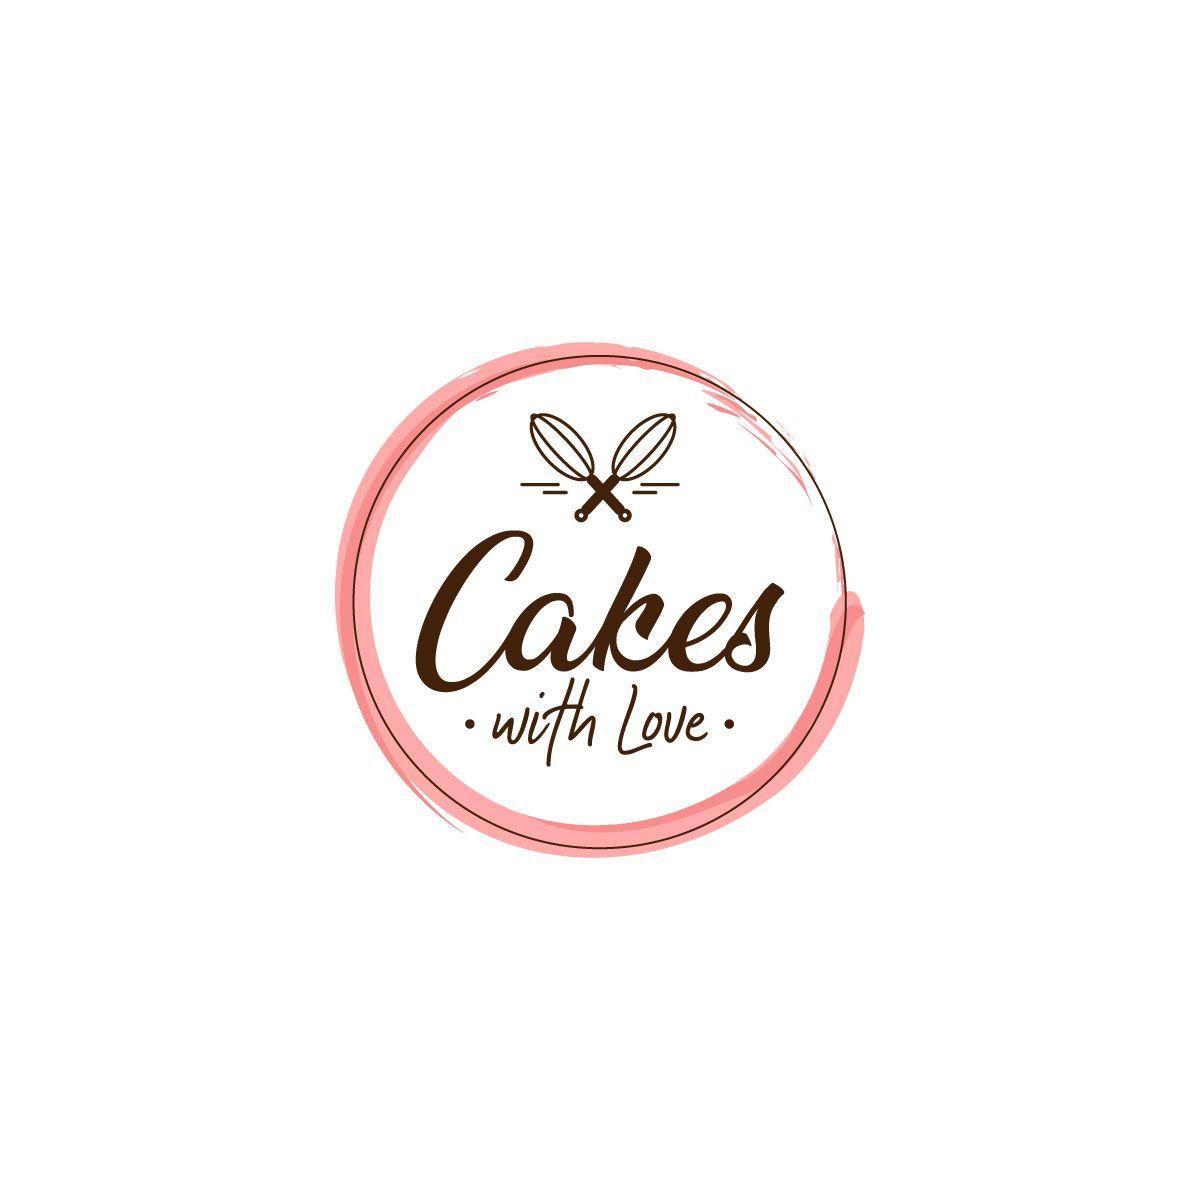 cake logo design ideas Schauen Sie sich dieses moderne, elegante Logo-Design für Kuchen